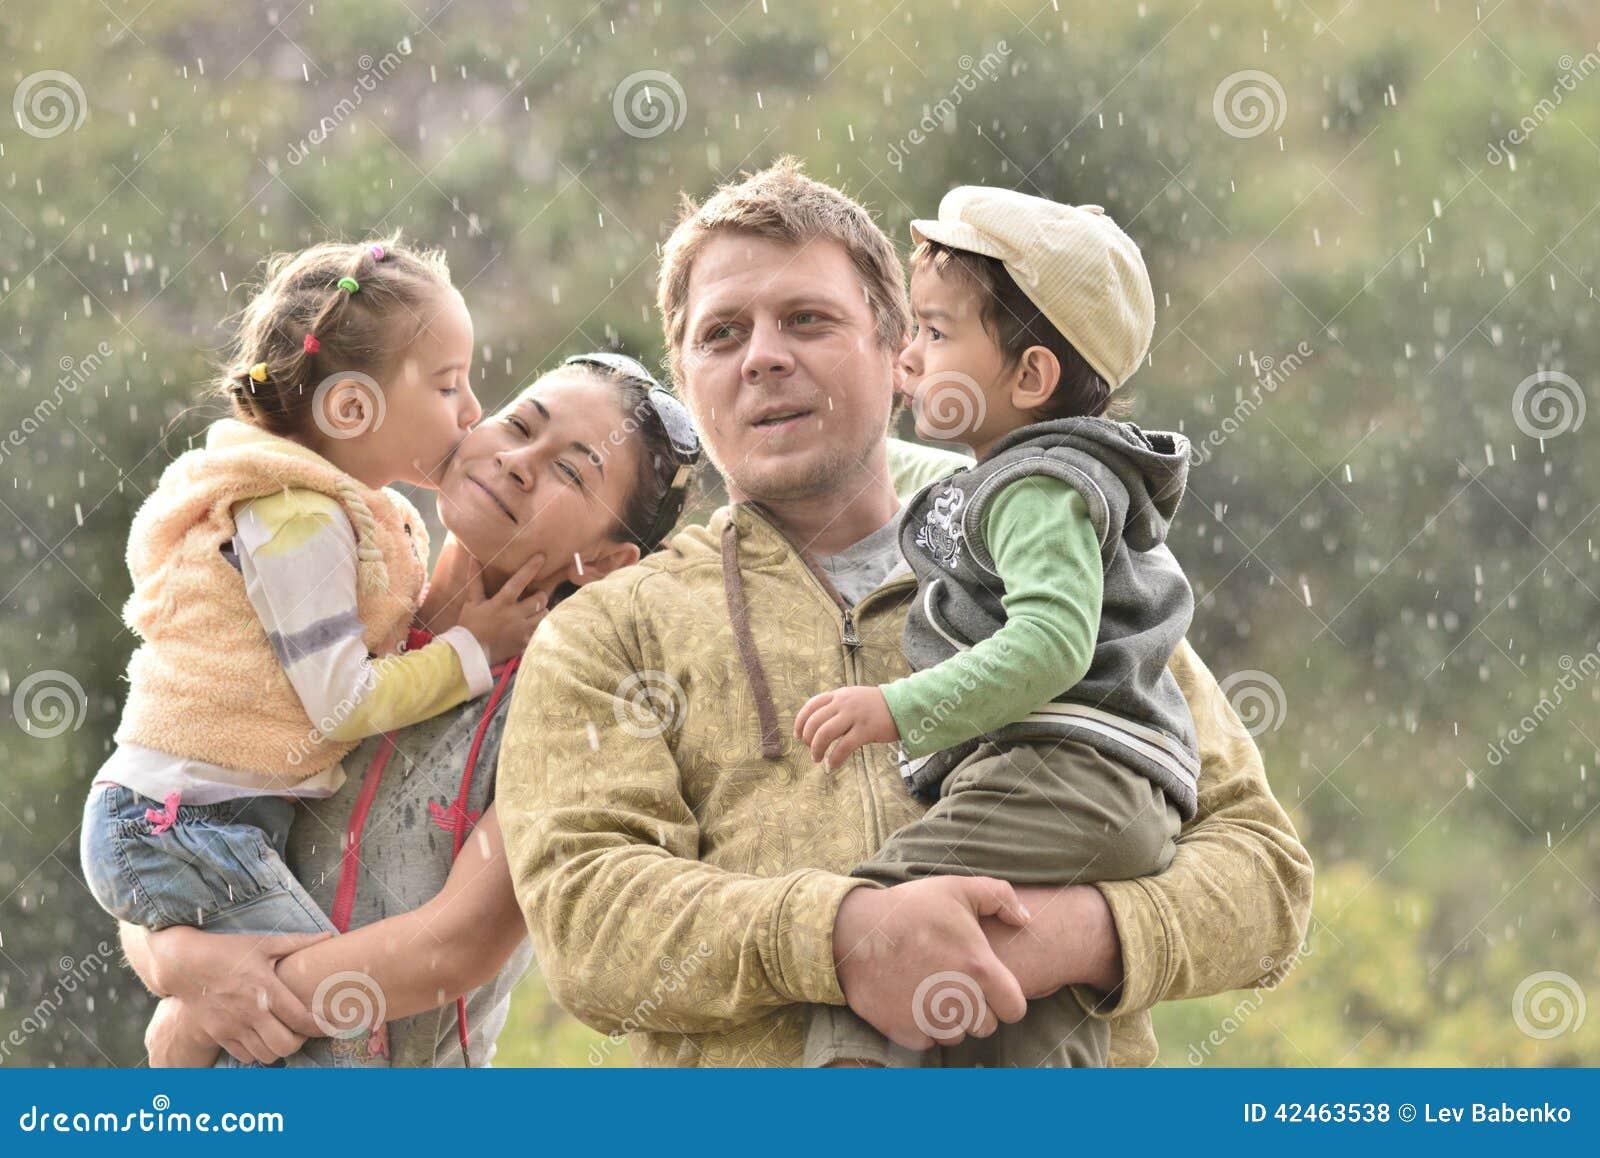 Familie in der Natur an einem regnerischen Tag mit Kindern